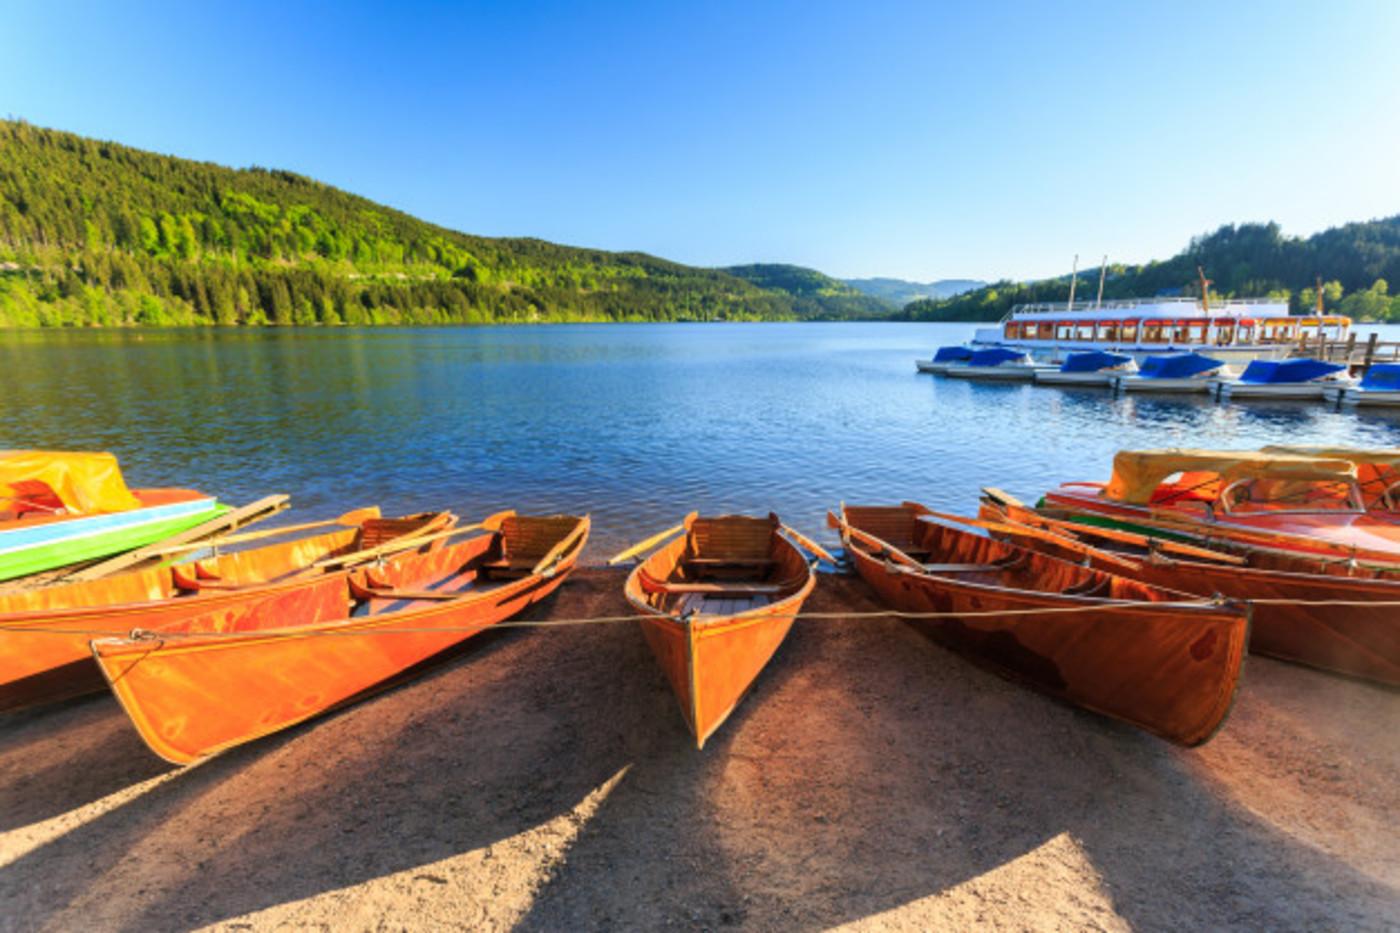 Week-end au vert : tour au Titisee, bateau à voile et randonnée au sommet du Feldberg